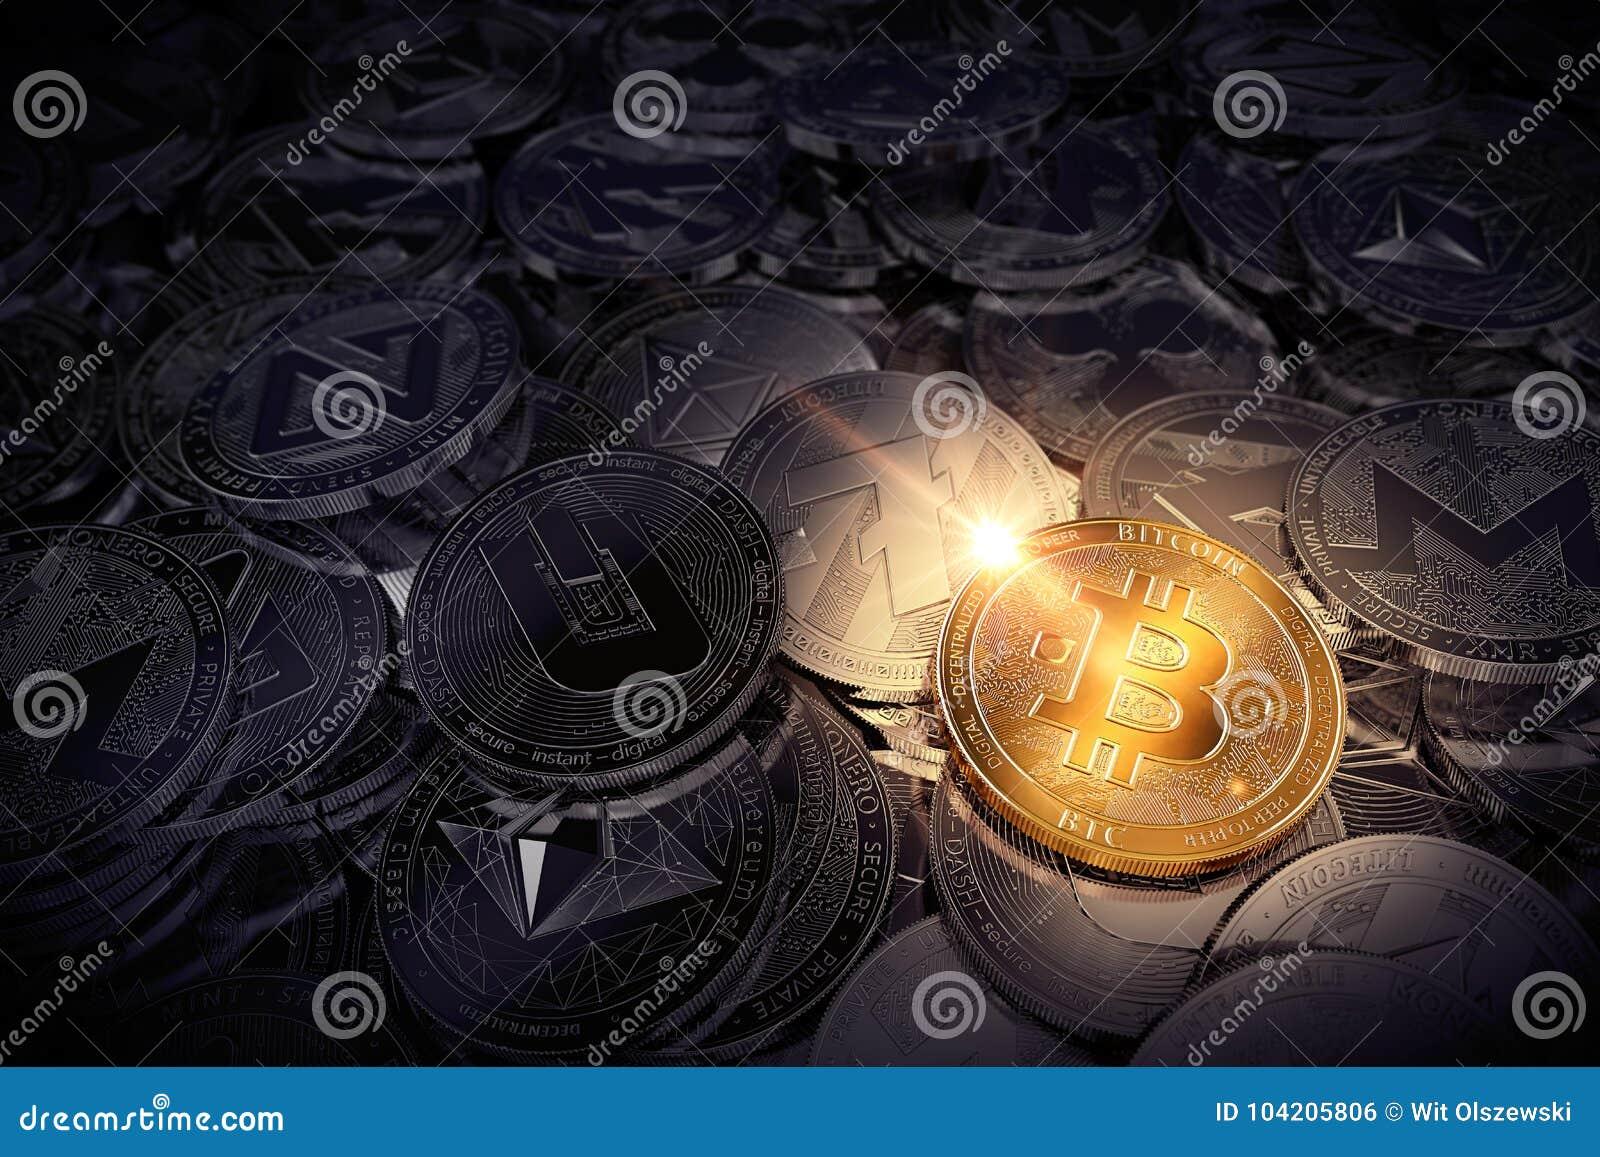 Pila enorme di cryptocurrencies fisici con Bitcoin sulla parte anteriore come il capo di nuovi soldi virtuali